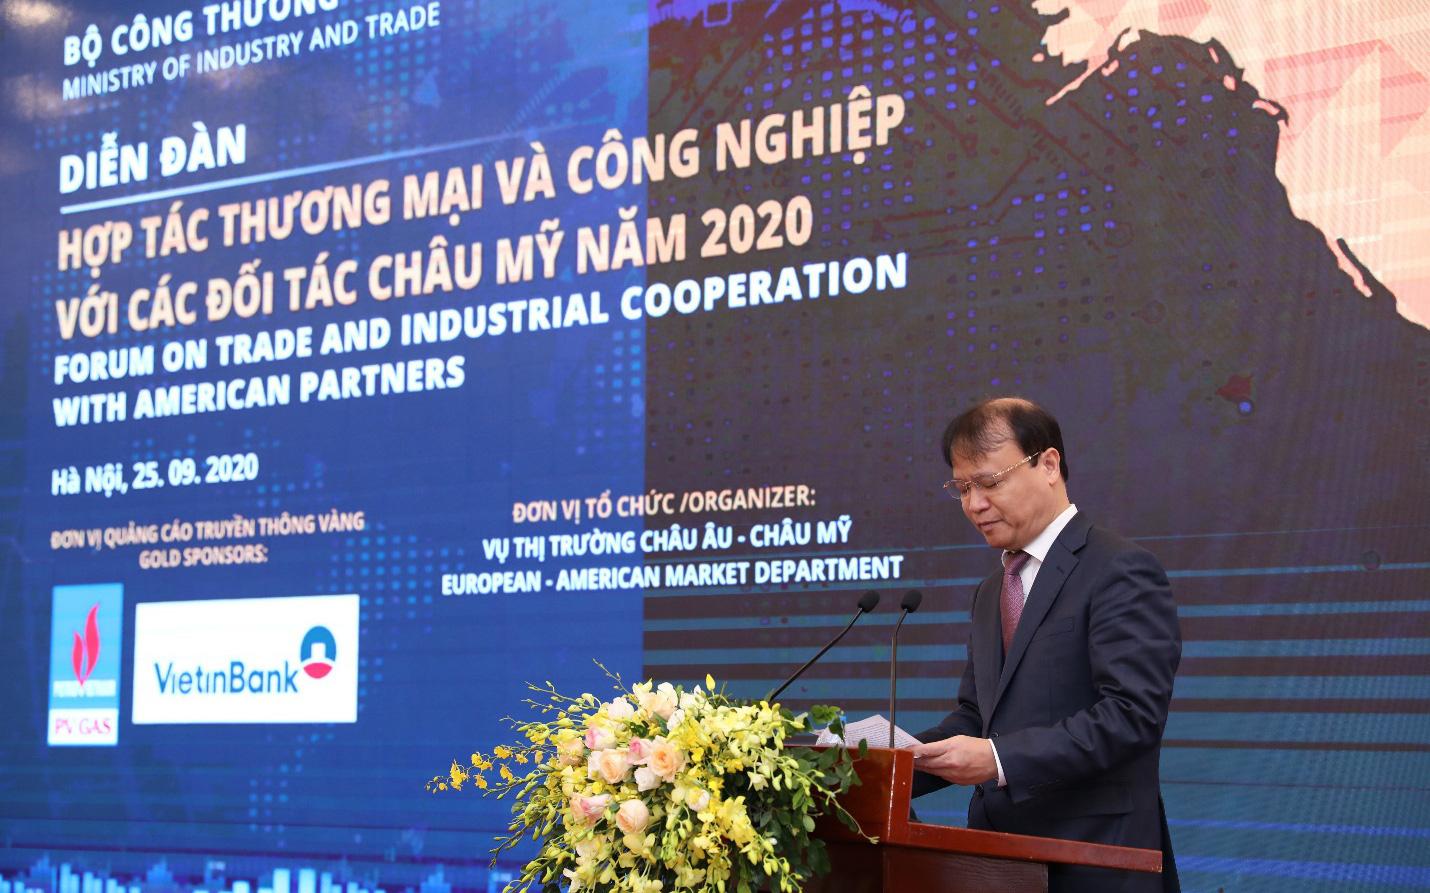 Kết nối cung cầu giữa Việt Nam và các đối tác khu vực Châu Mỹ năm 2020